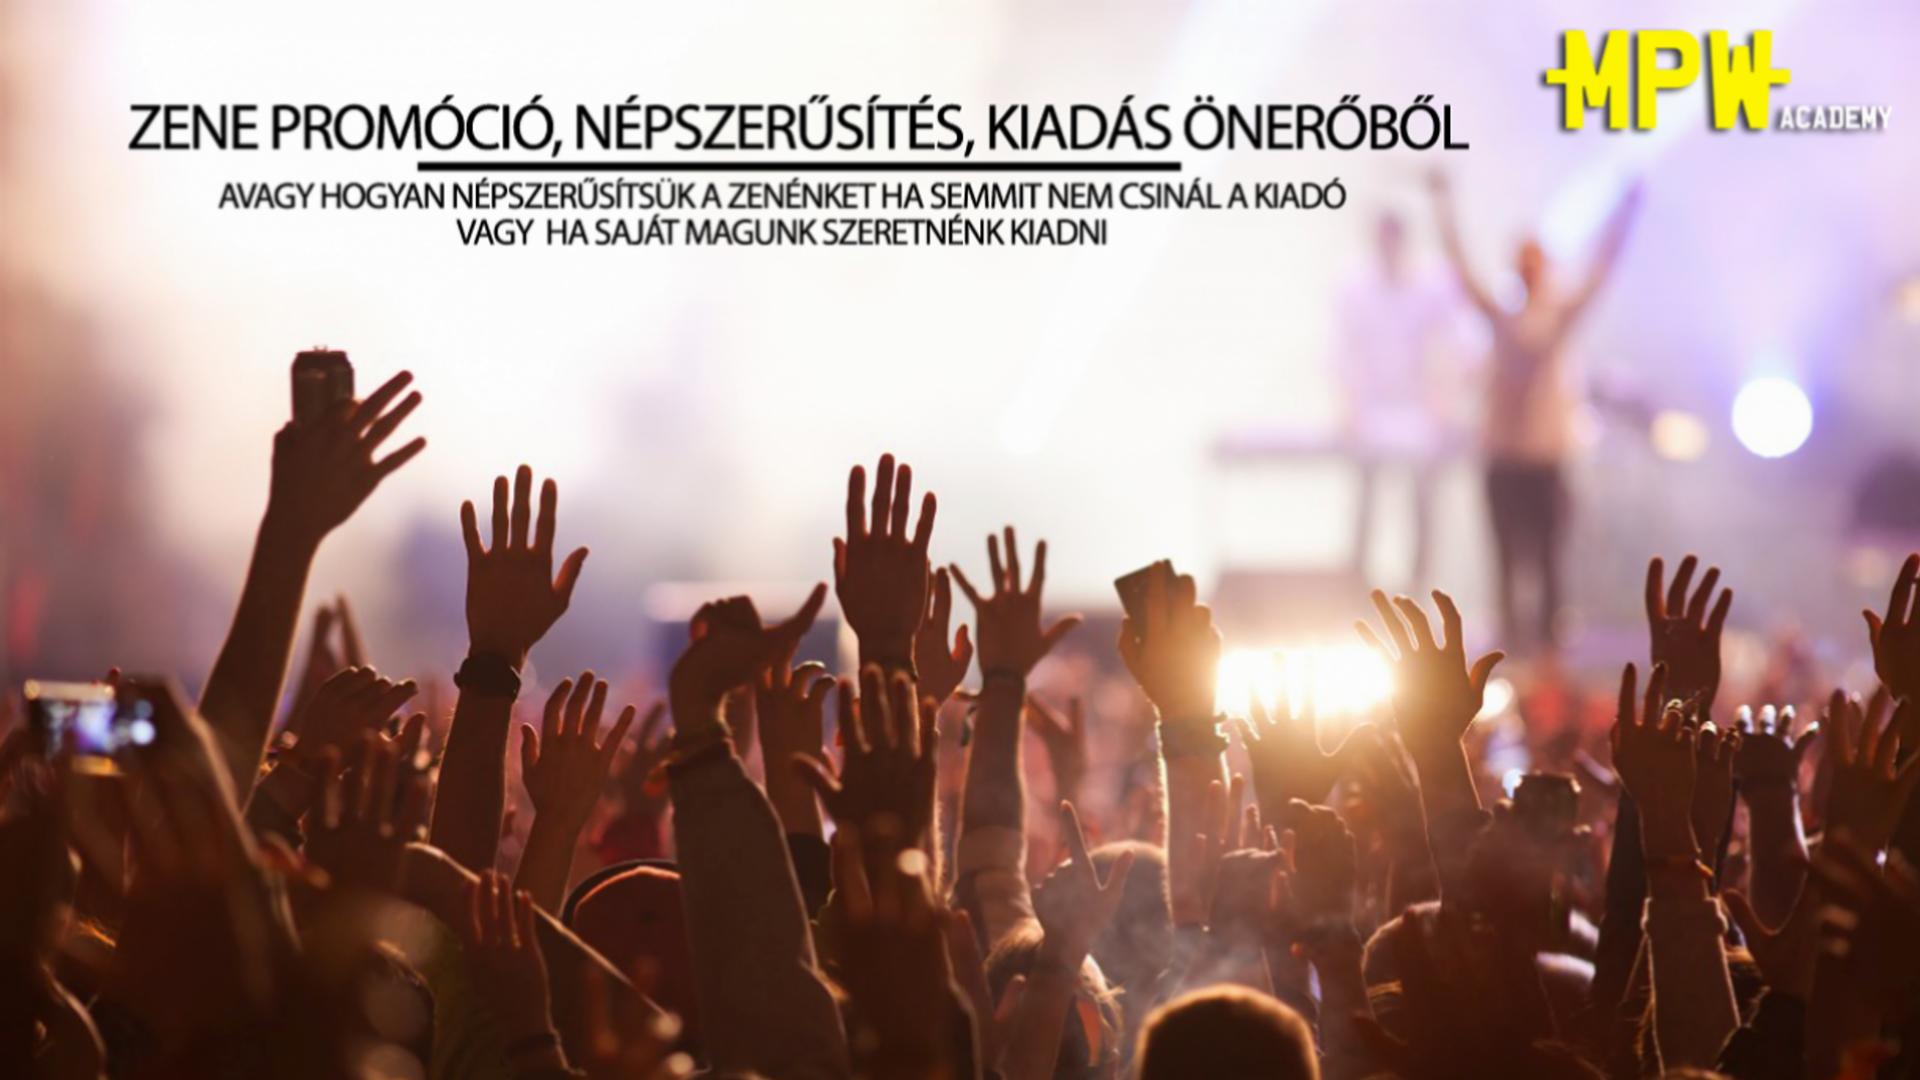 Zene promóció, népszerűsítés, kiadás önerőből